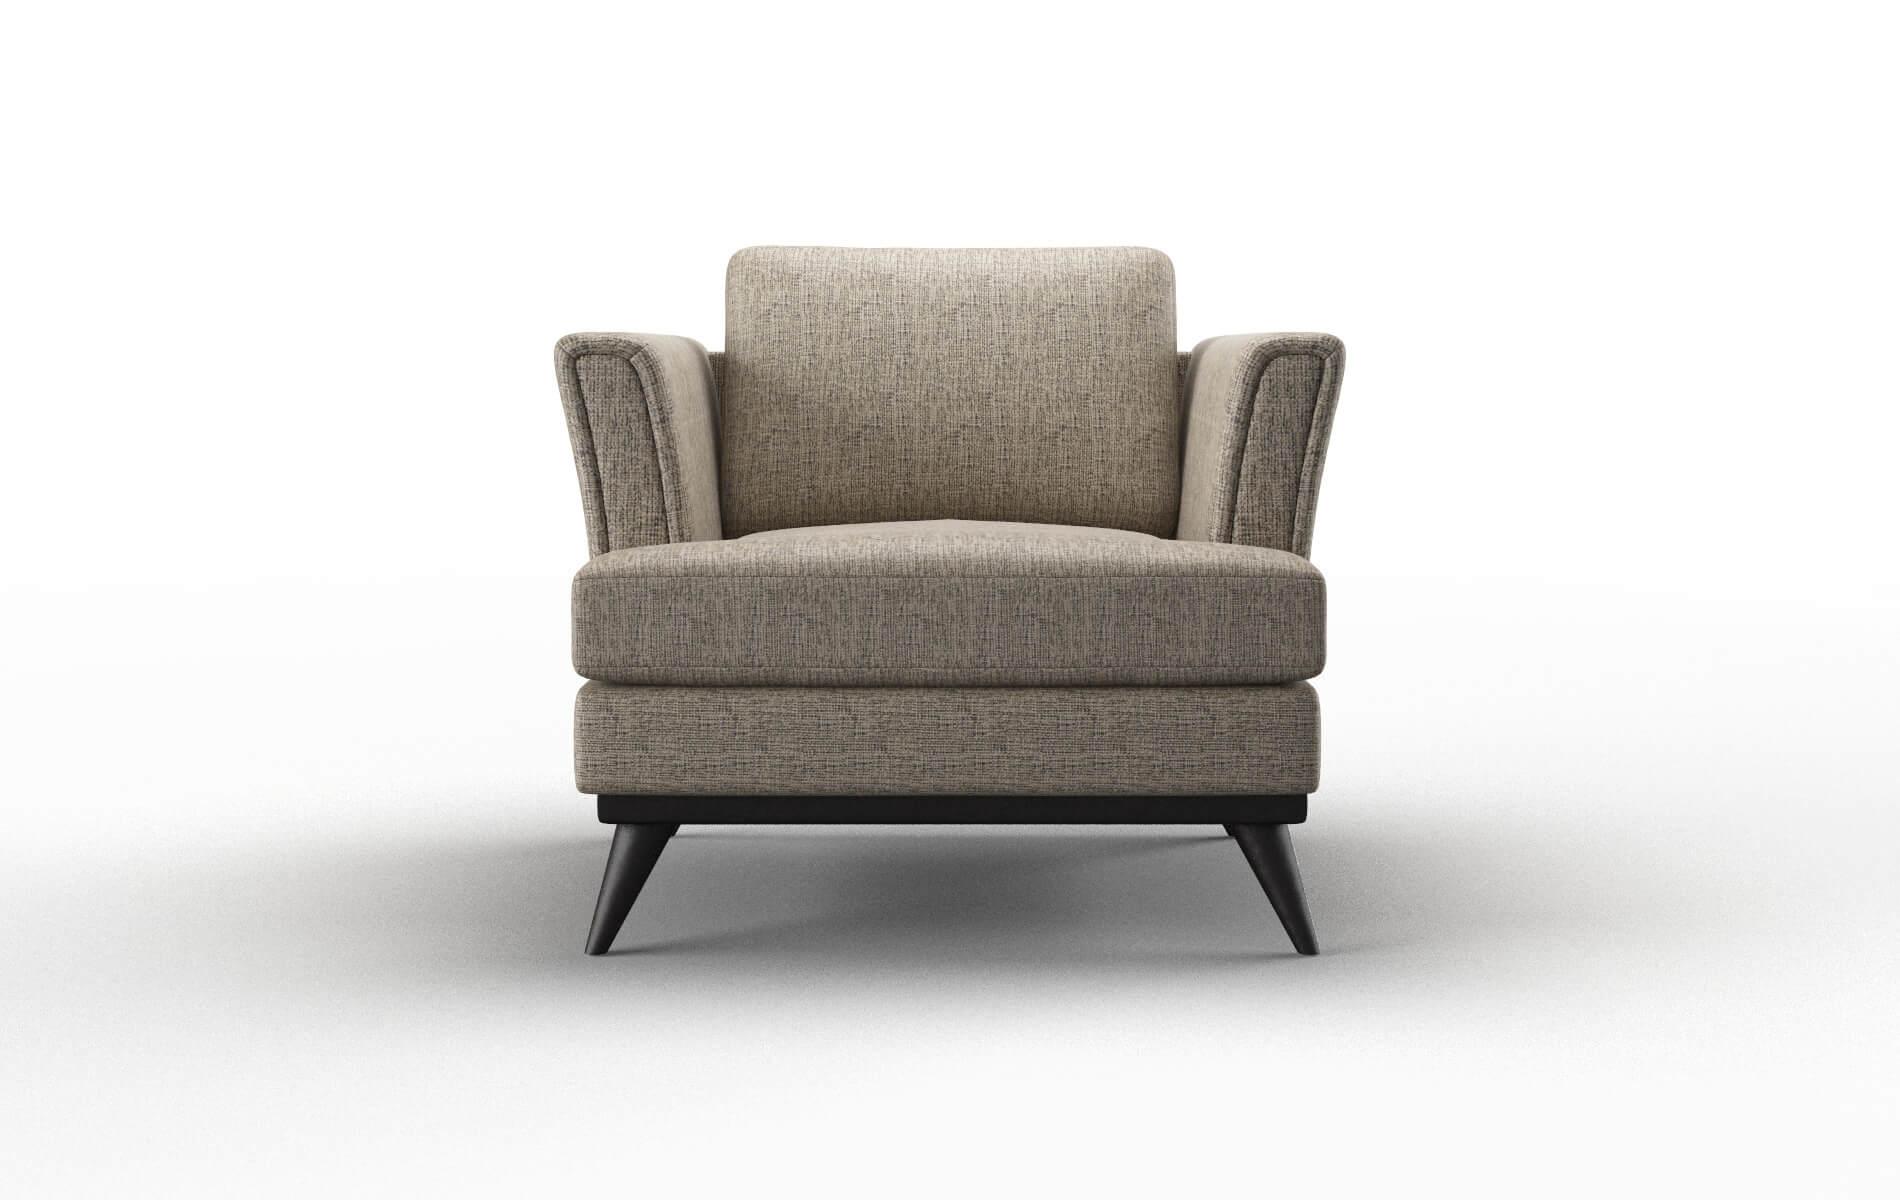 Antalya Solifestyle 51 Chair espresso legs 1